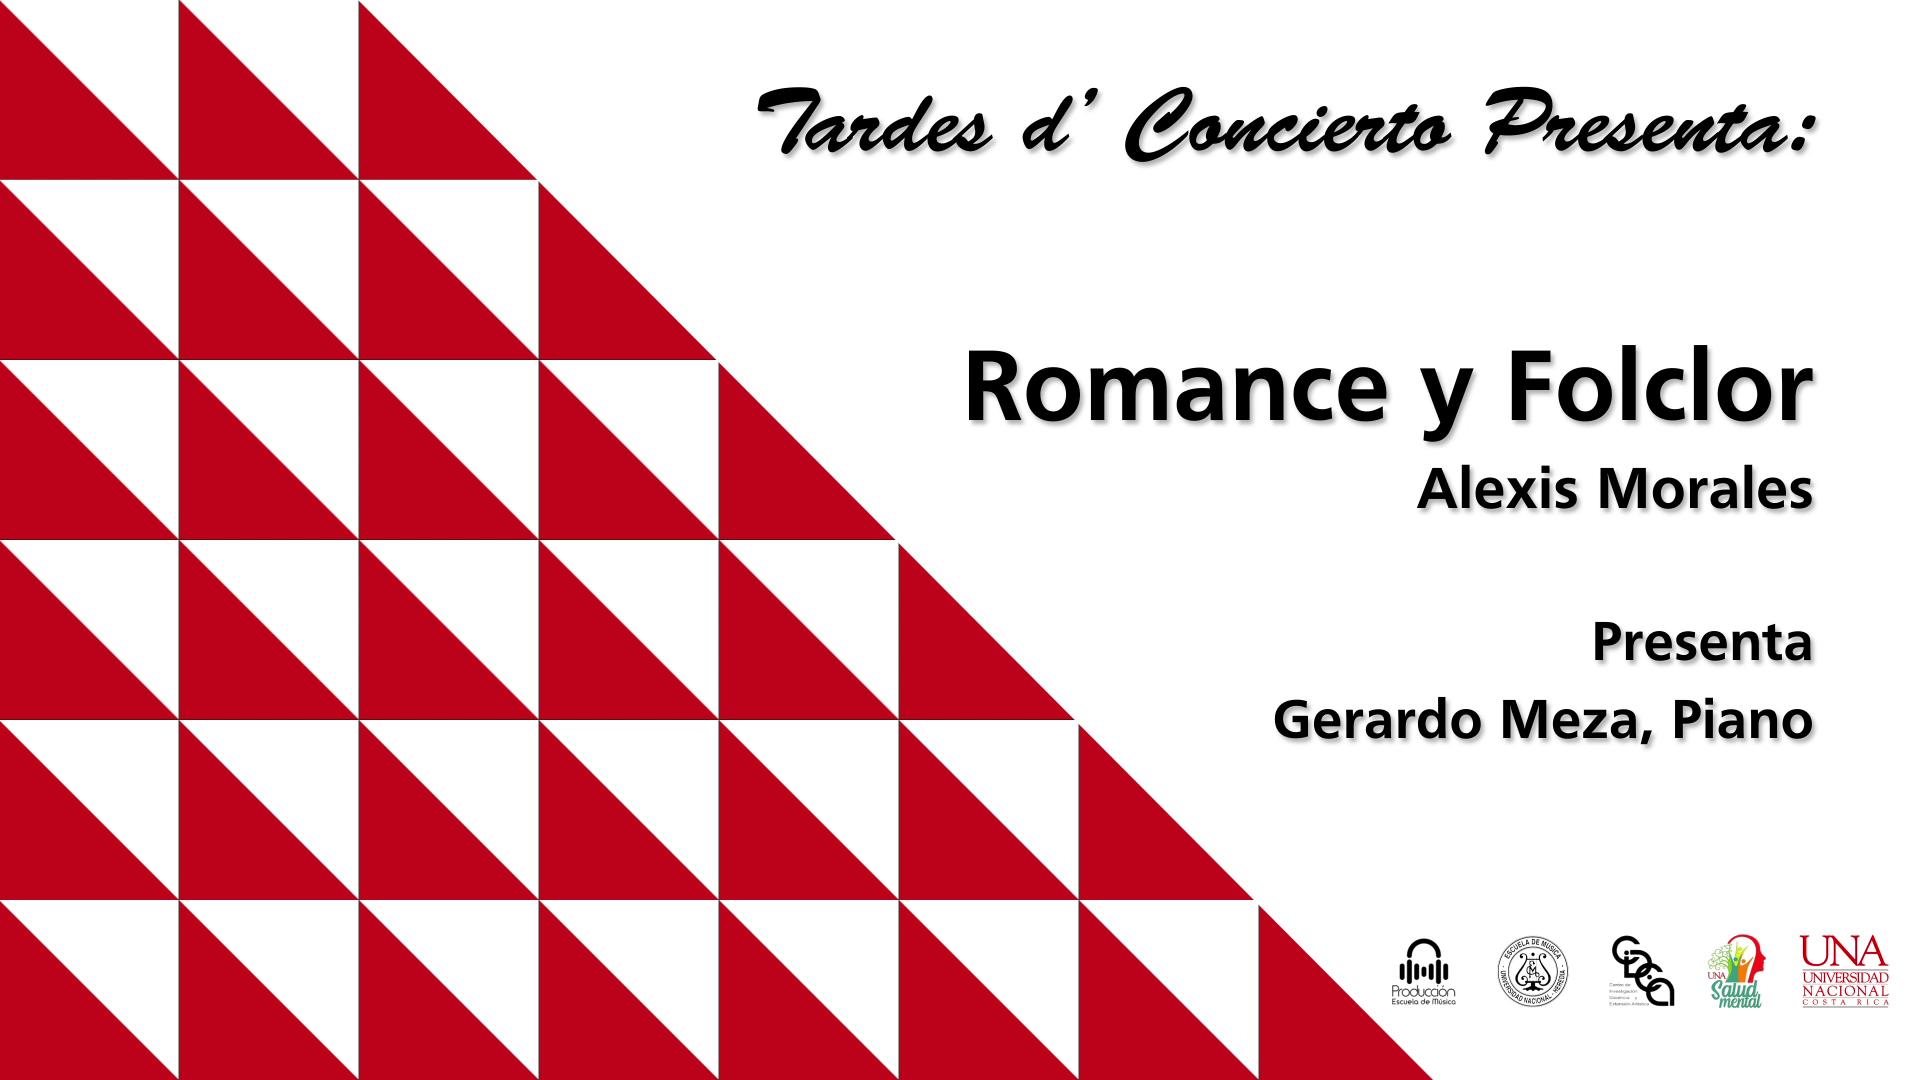 Romance y Folclor